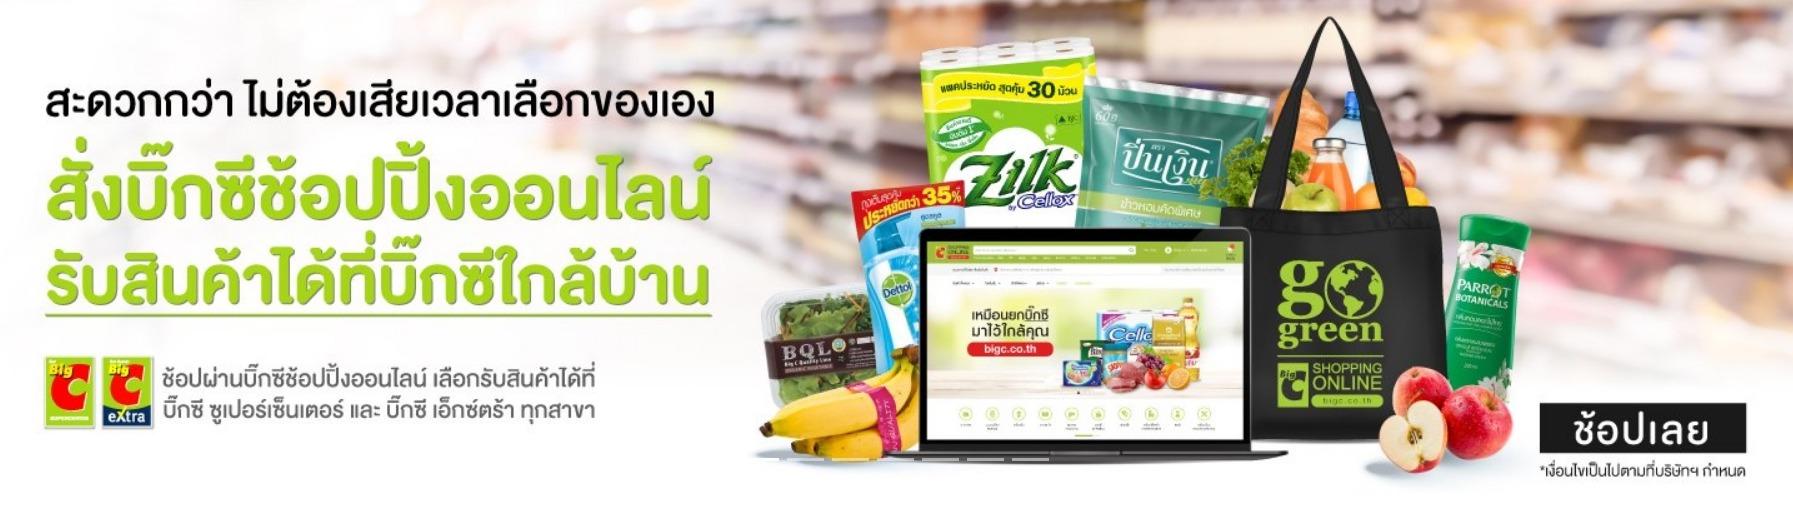 shop online bigc.co.th-